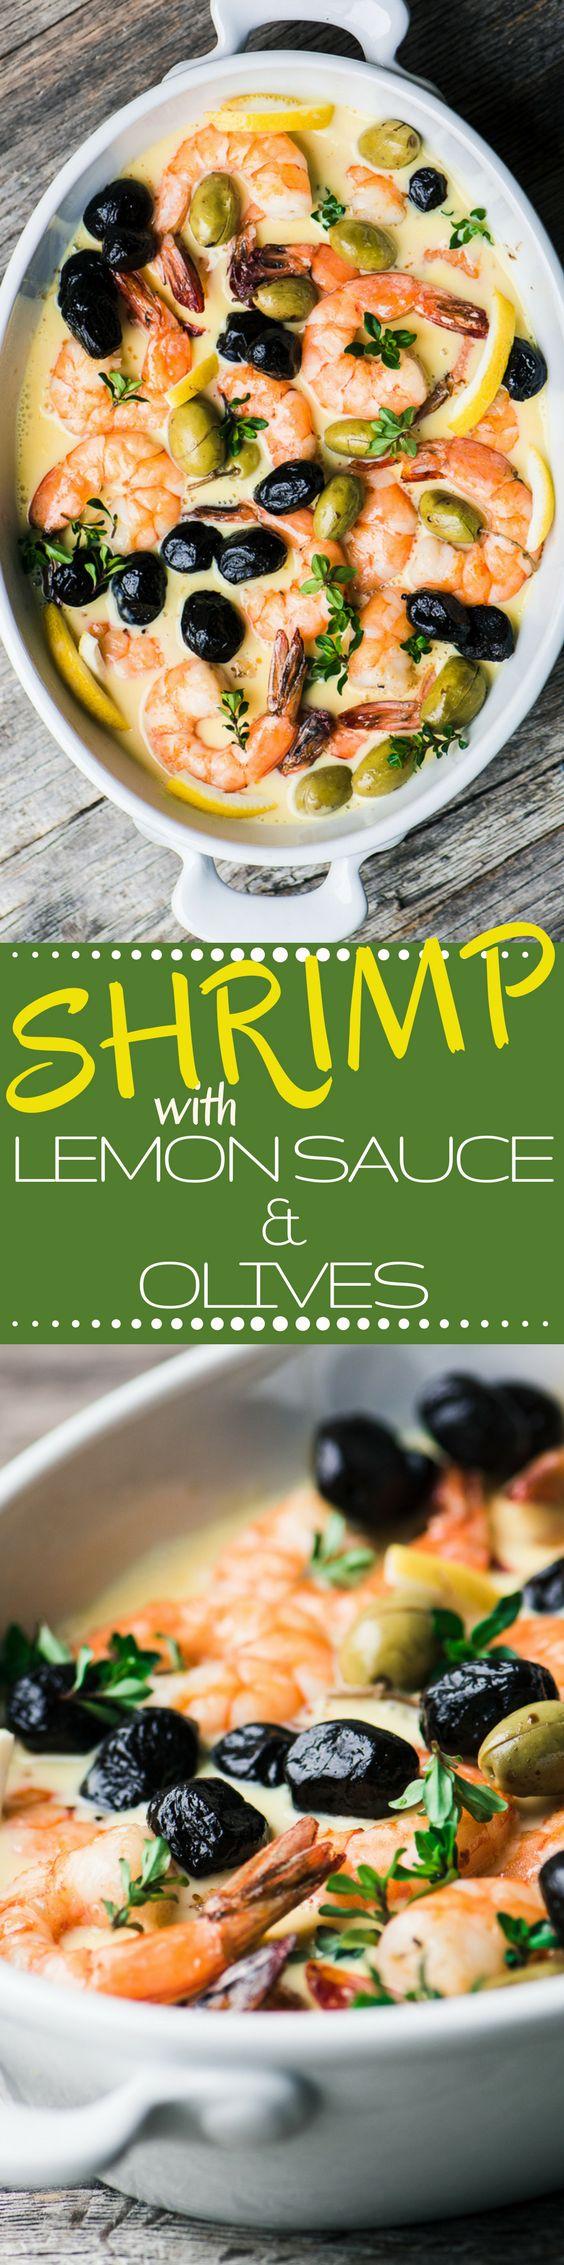 Garnalen in Lemon Sauce met olijven ~ deze 30 minuten maaltijd zal je mee naar de Griekse eilanden met zijn zijdezachte citroensaus en rijke, zilte olijven.  De gezondheid van nieuws op de mediterrane dieet blijft maar steeds beter en beter ~ lucky ons!